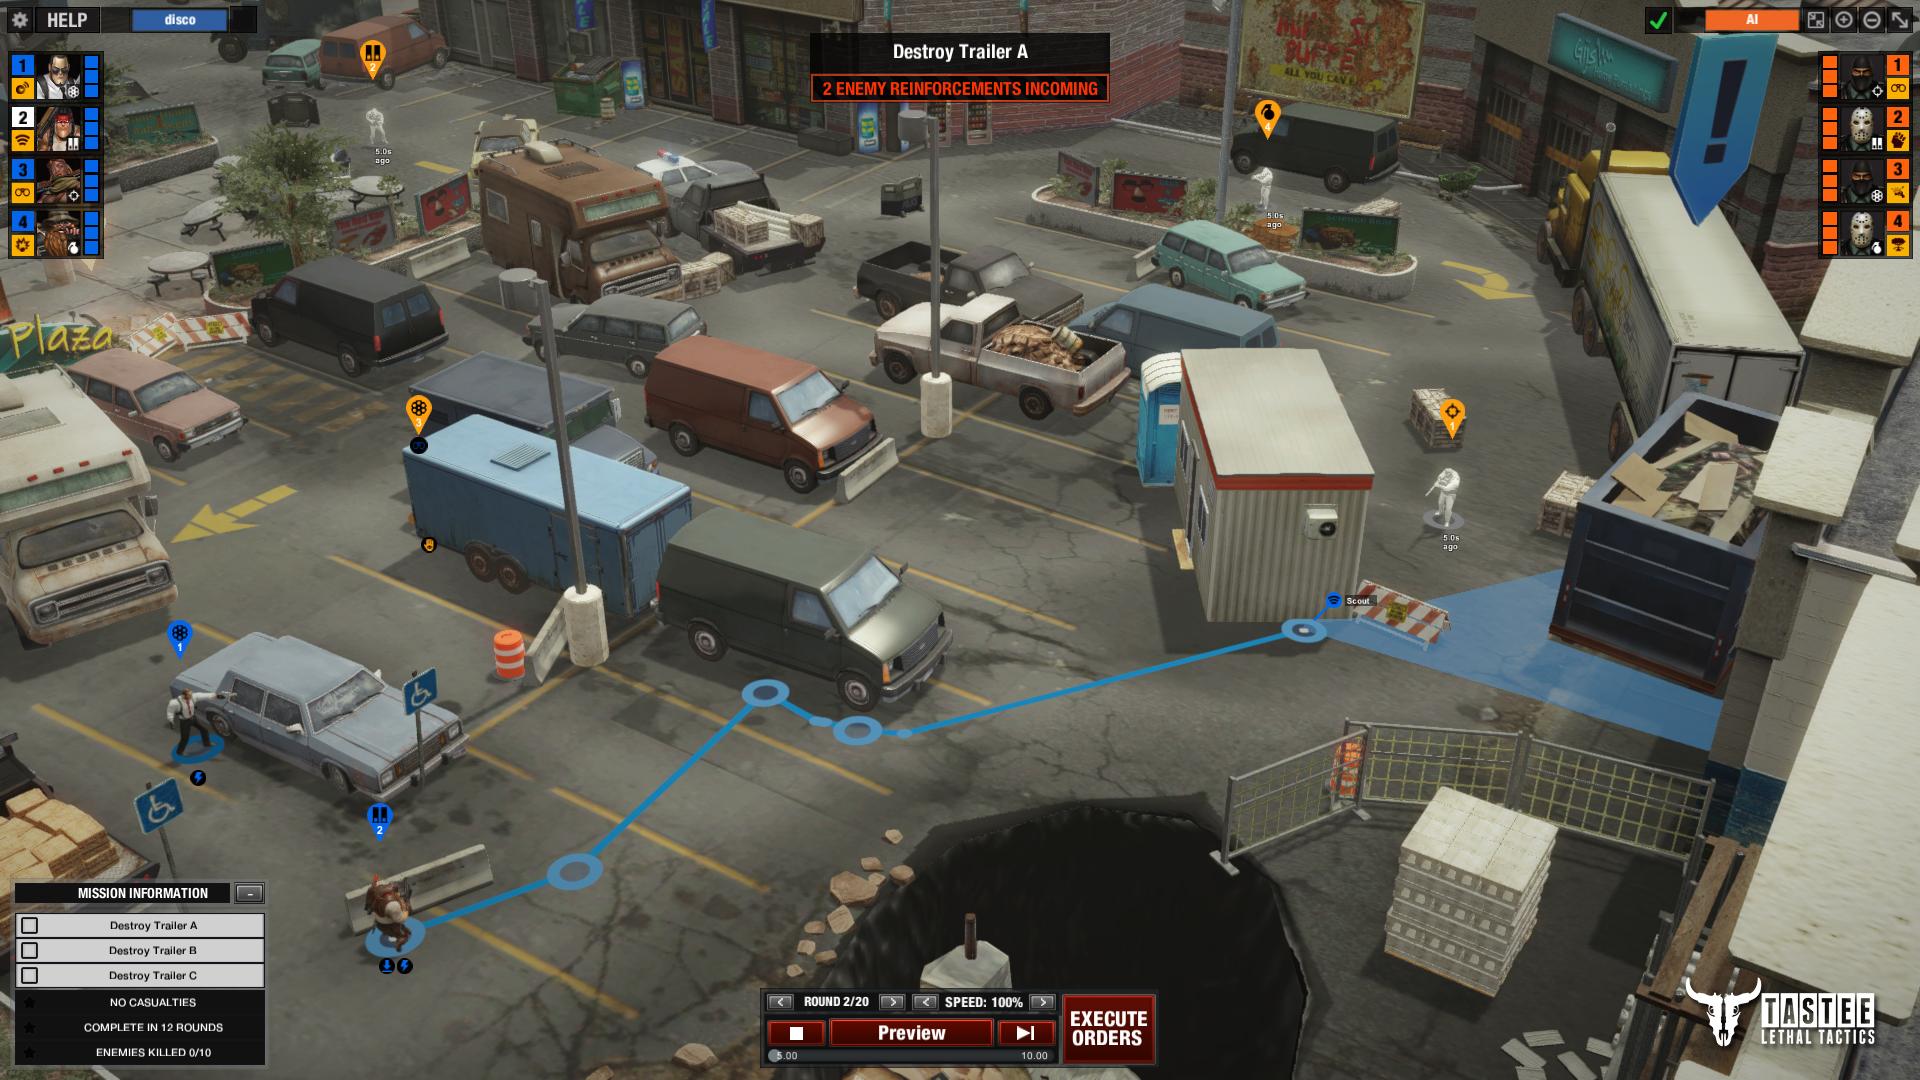 TASTEE_Lethal_Tactics-Missions_SierraVista.jpg